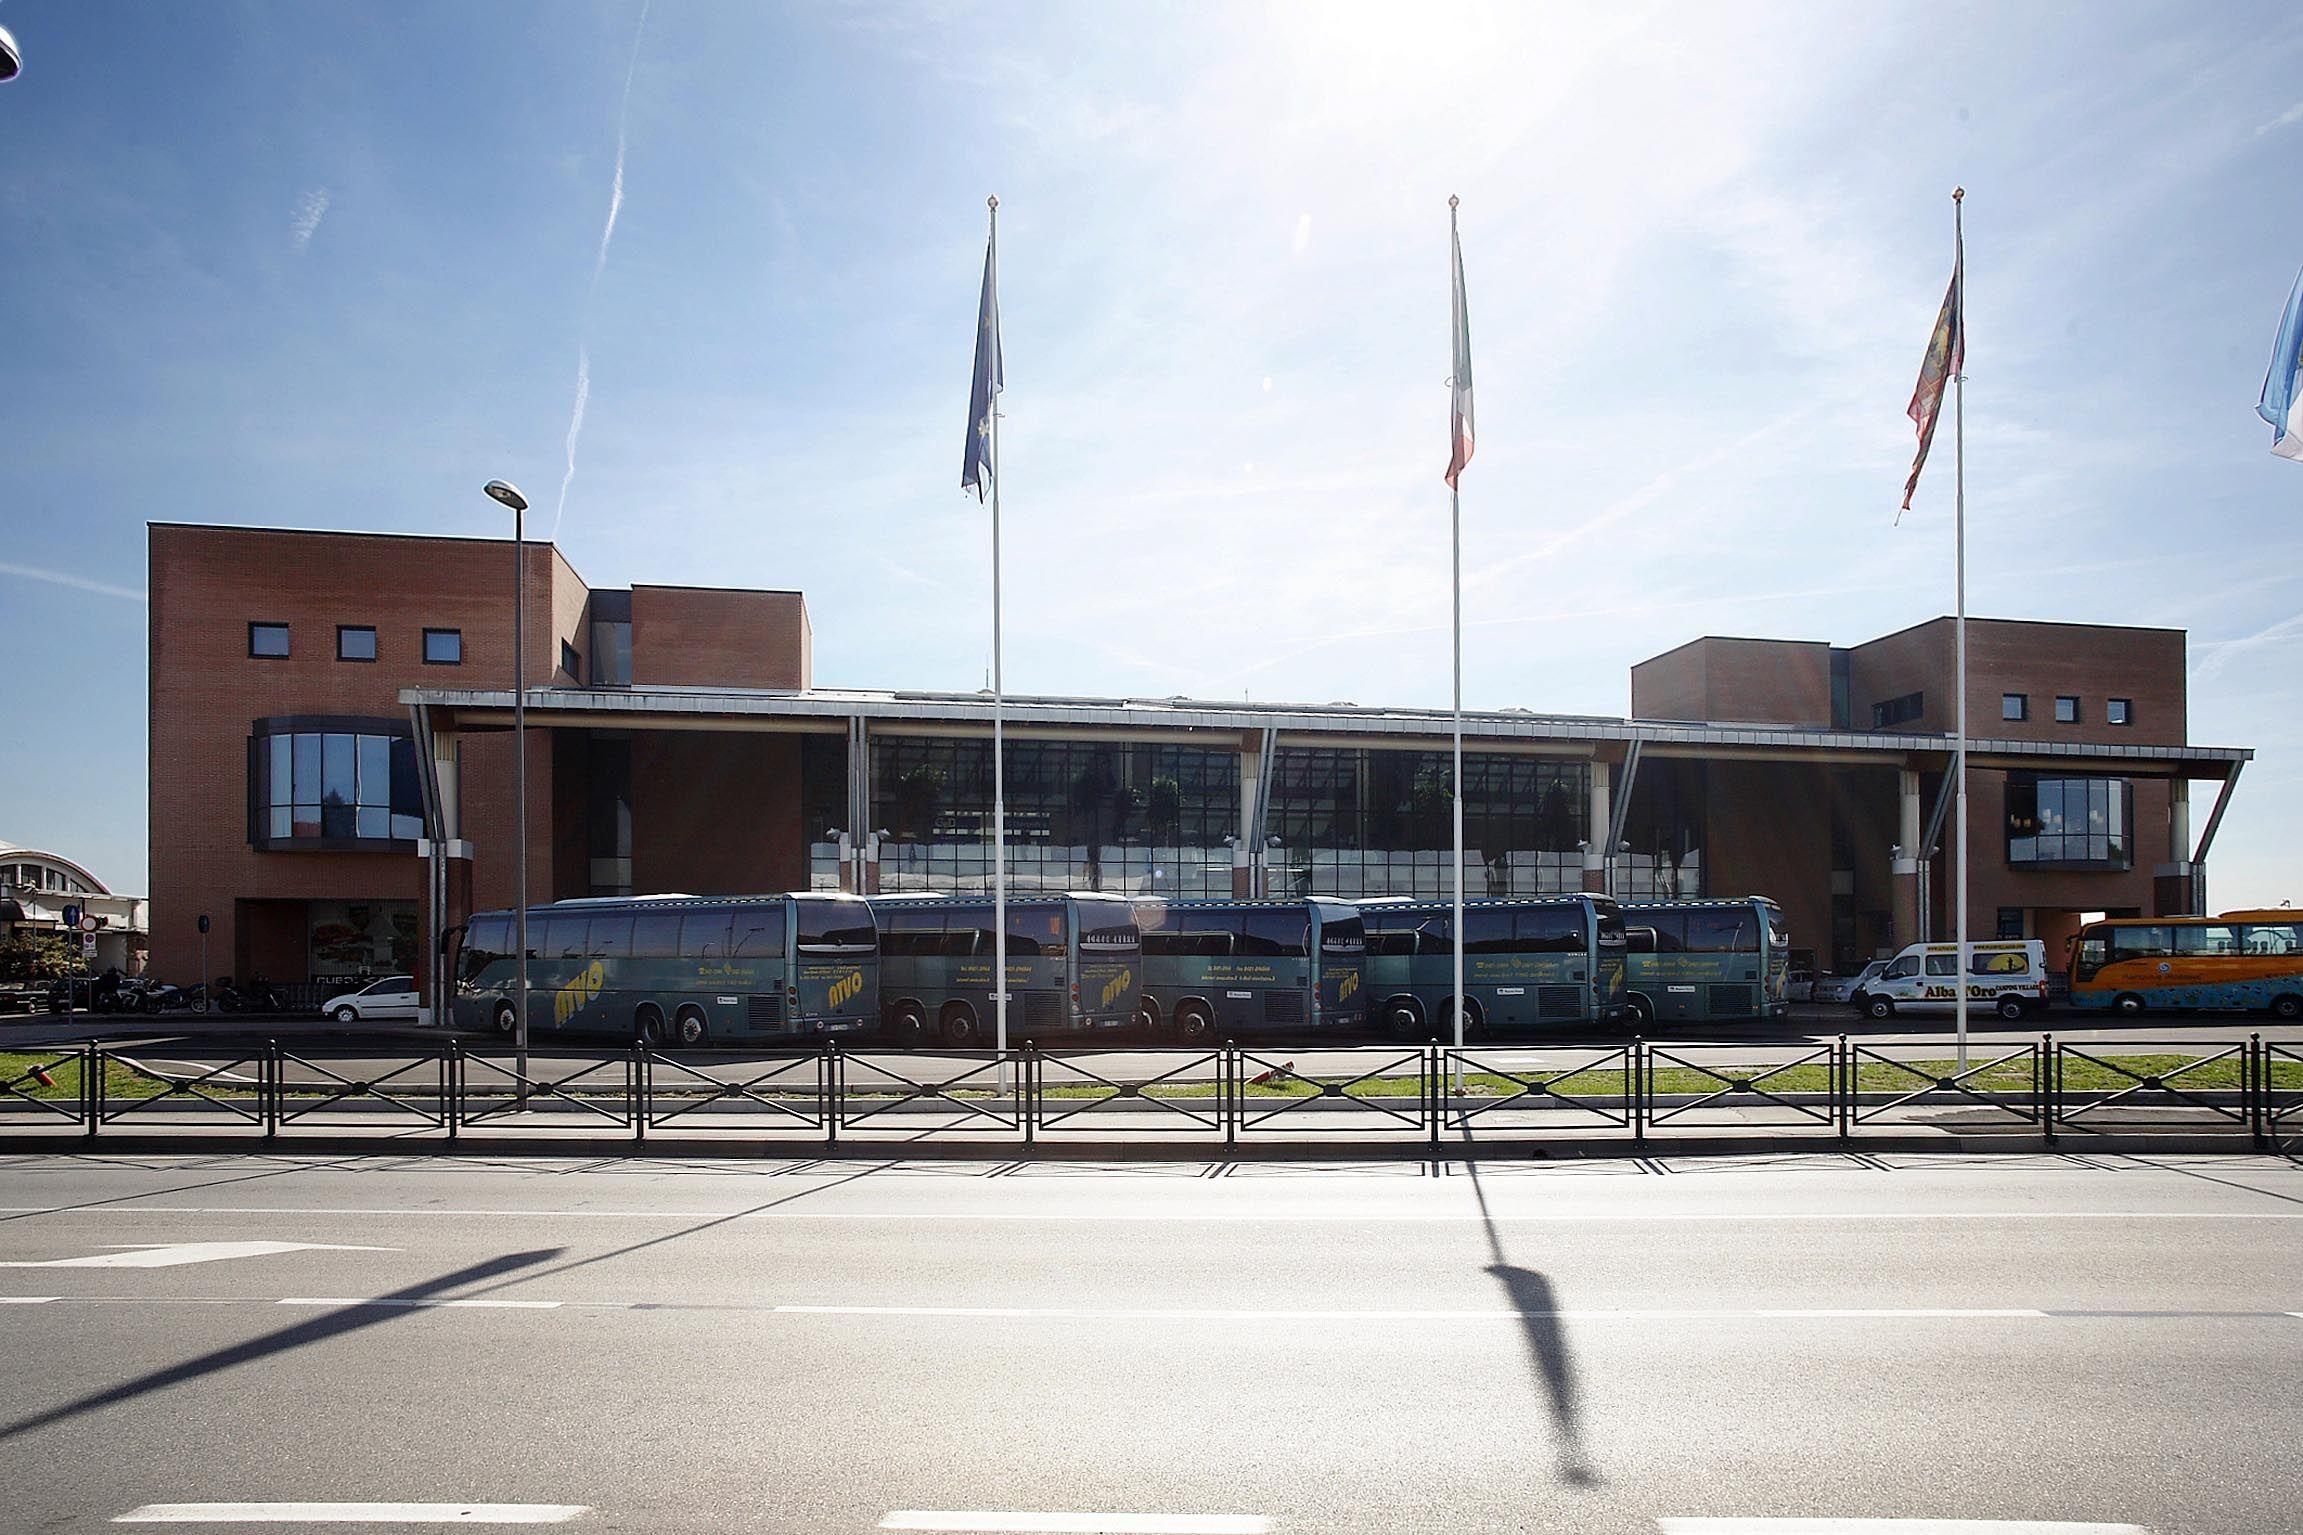 Aeroporto Canova di Treviso - image 9